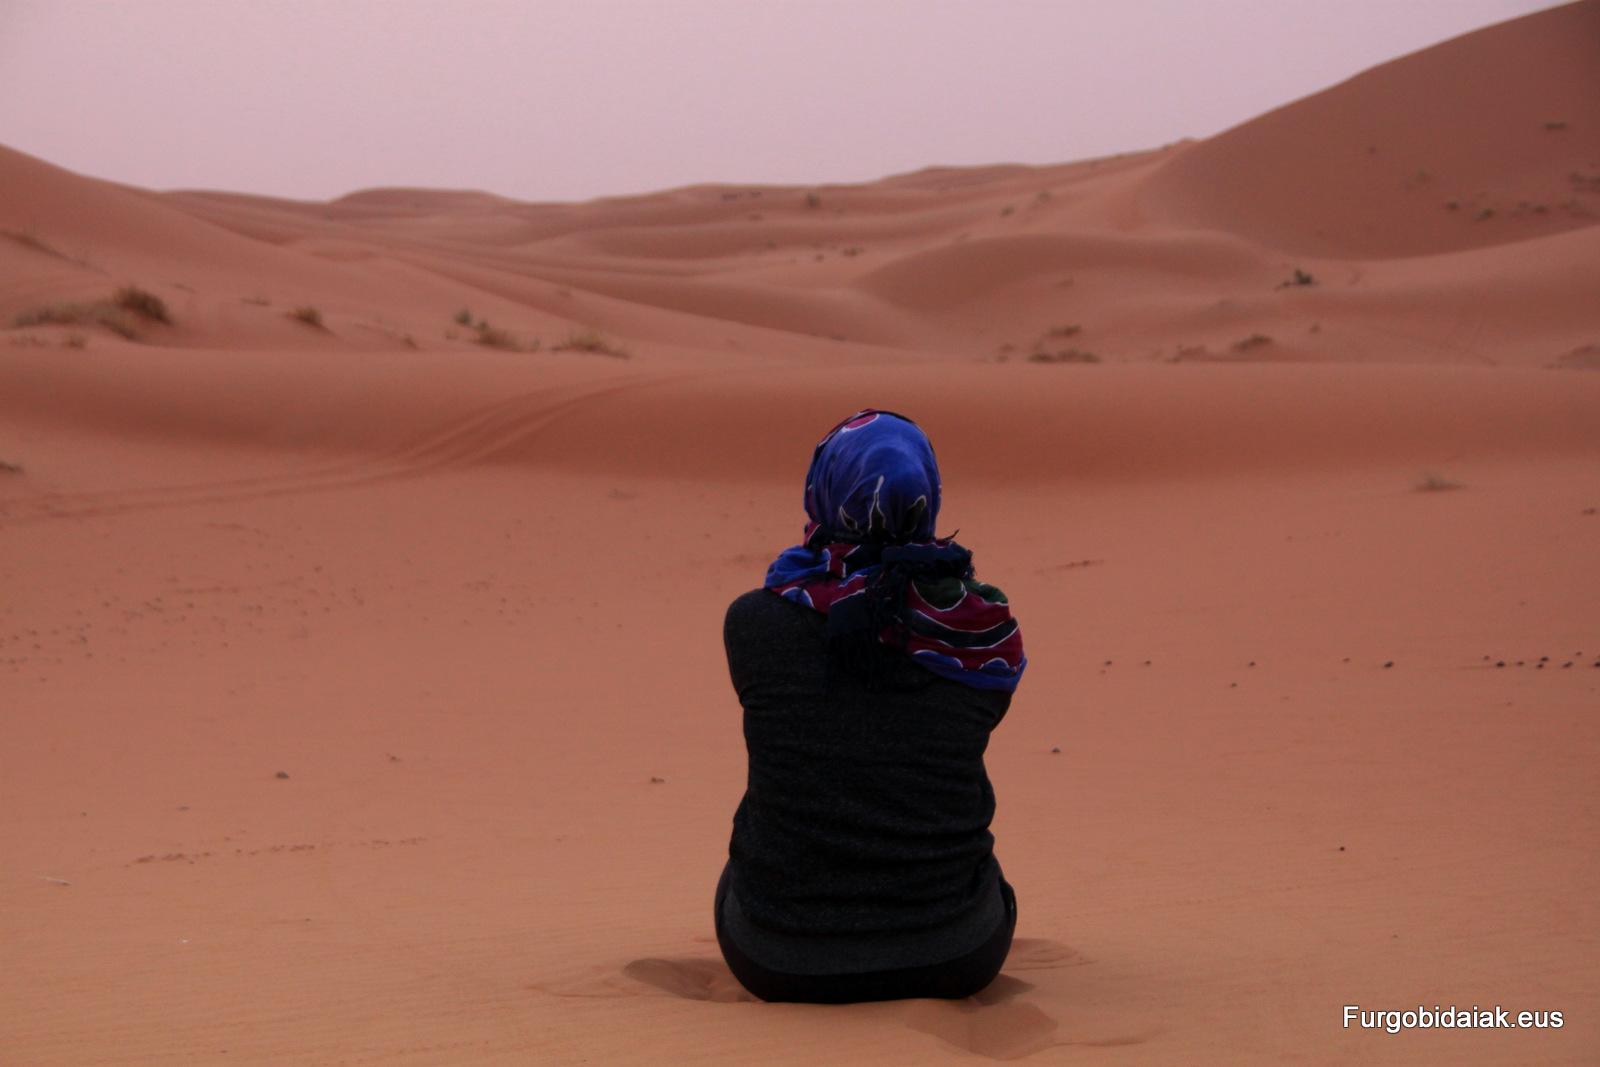 Amanecer en el Sahara Marruecos